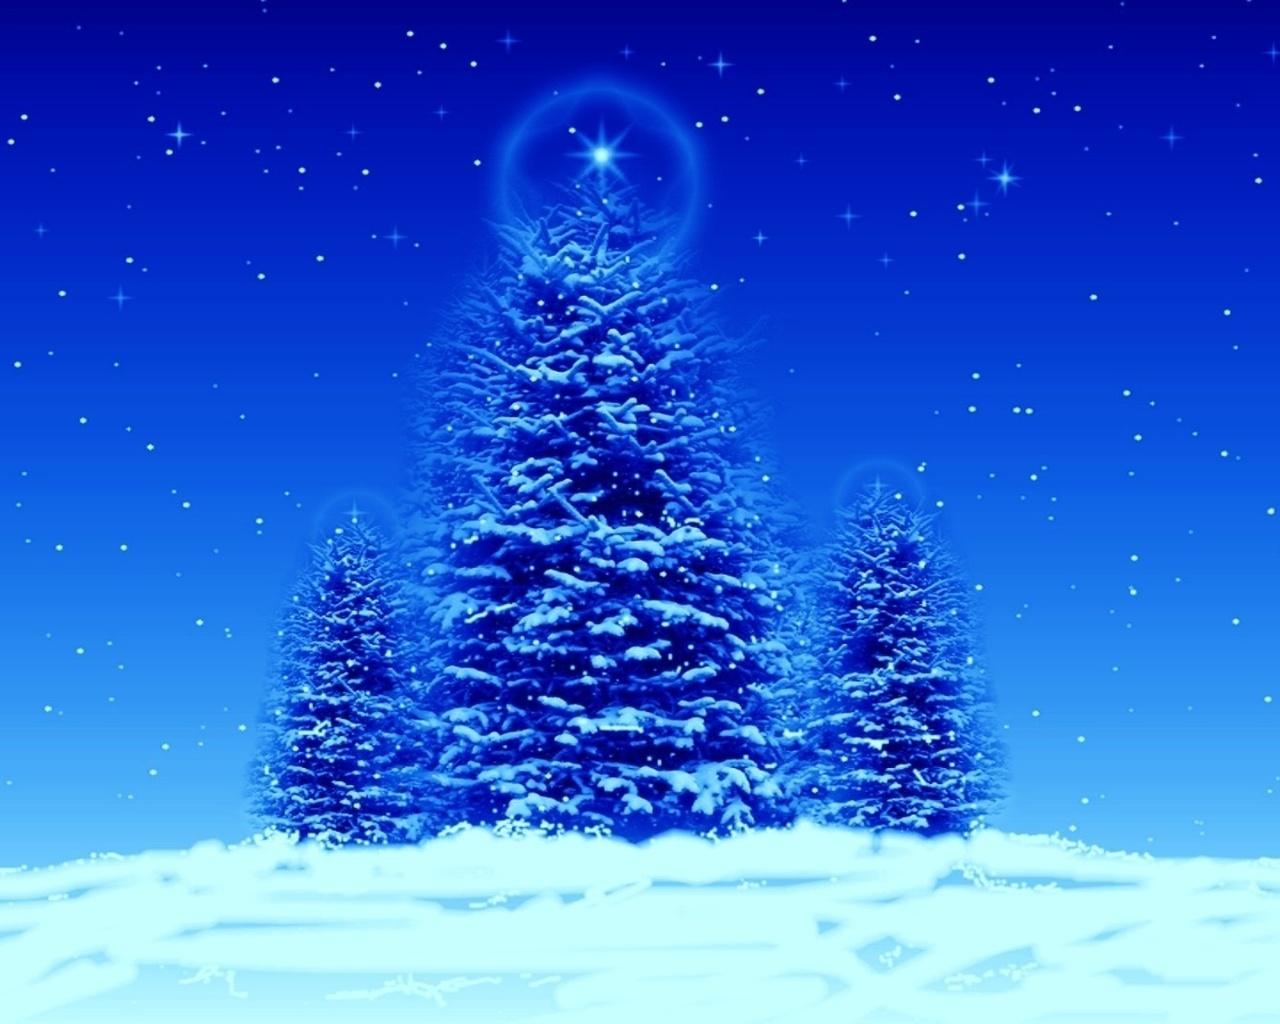 сегодняшний картинки на рабочий стол зима елка на весь экран счастливых